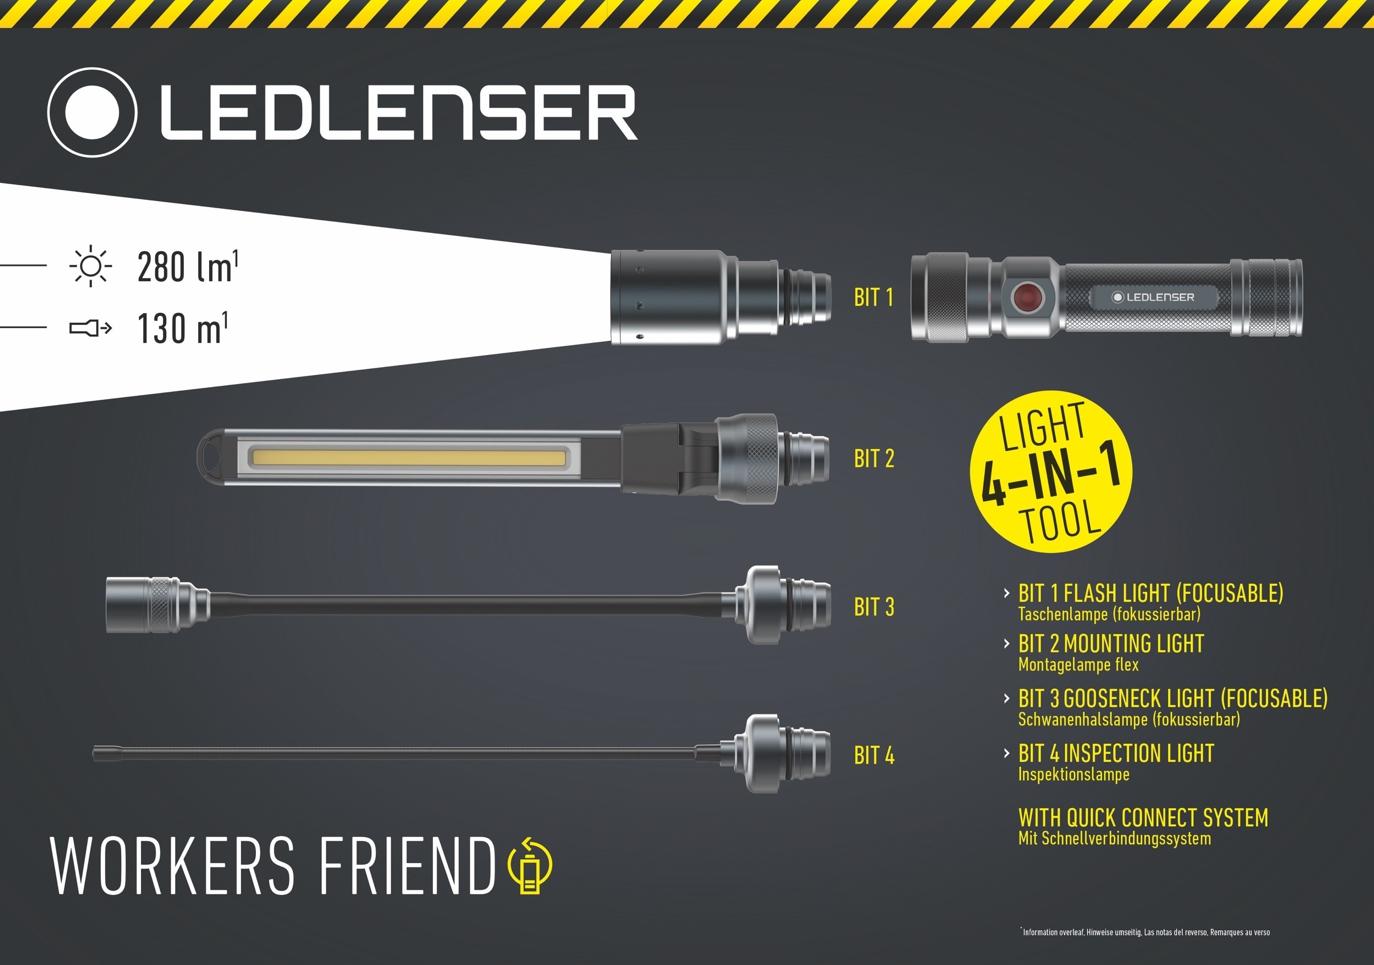 Workers Friend von LEDLENSER